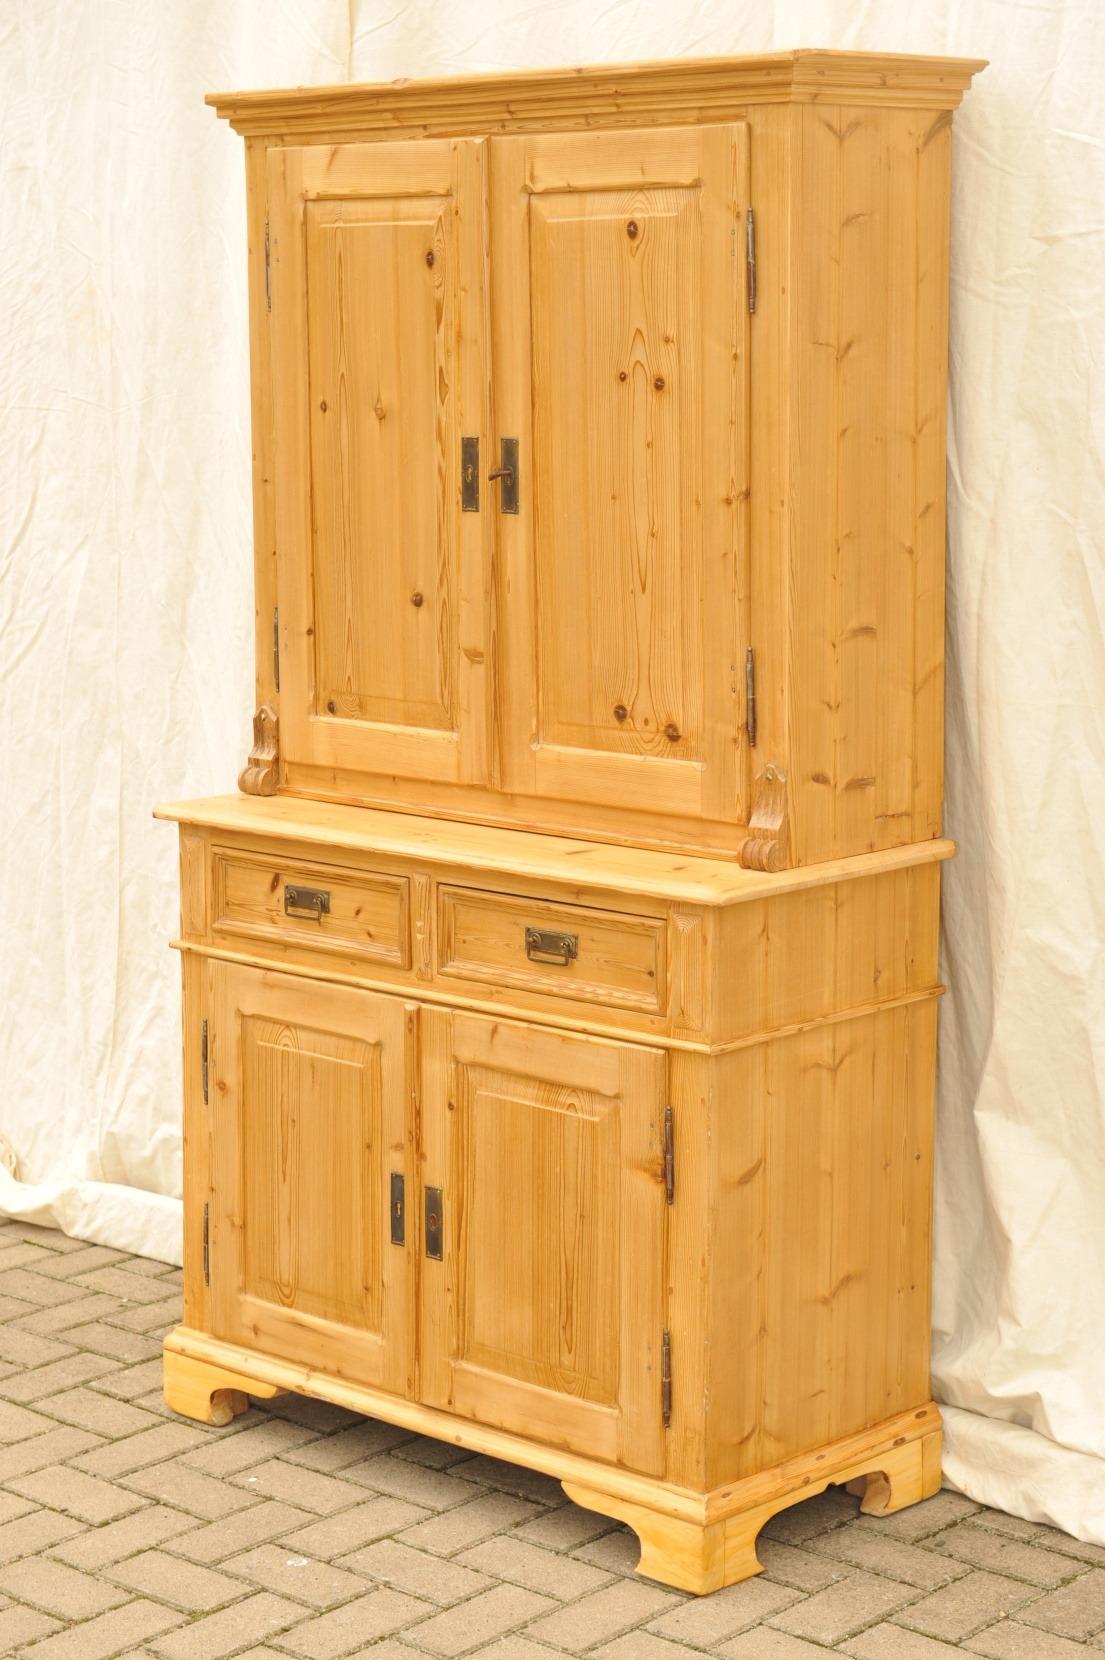 kleiner k chenschrank wirtschaftsschrank antik antik im hof antiker k chenschrank. Black Bedroom Furniture Sets. Home Design Ideas